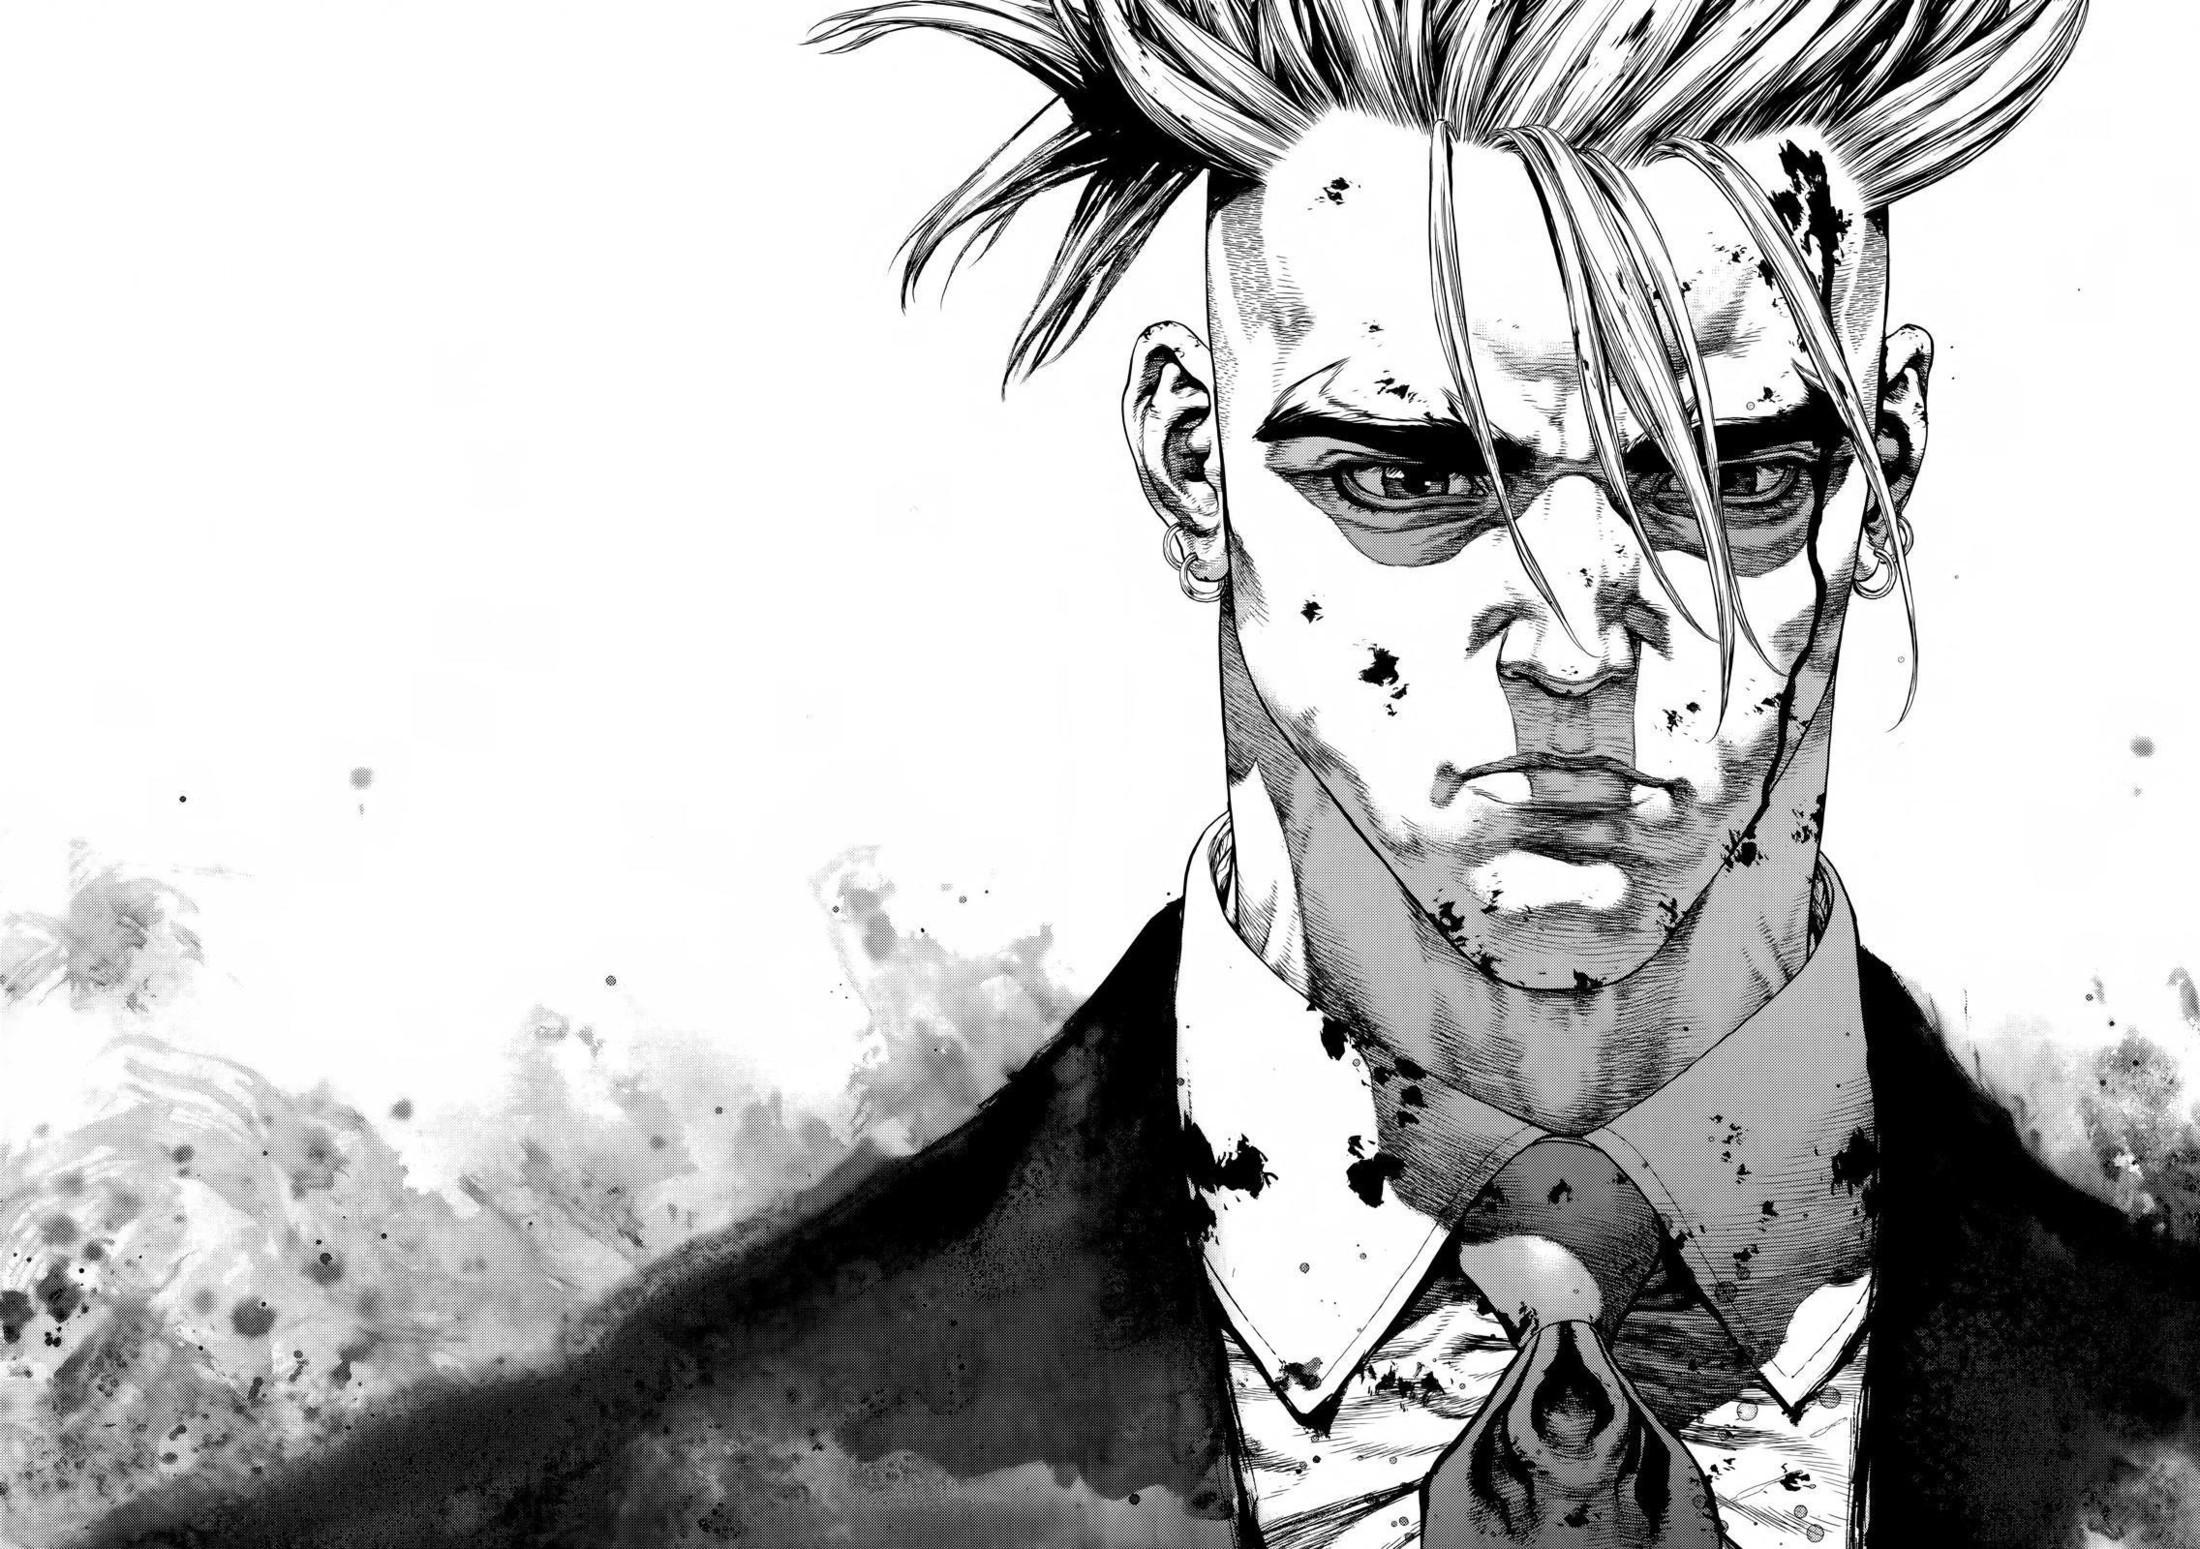 Fondos De Pantalla Dibujo Ilustración Monocromo Manga